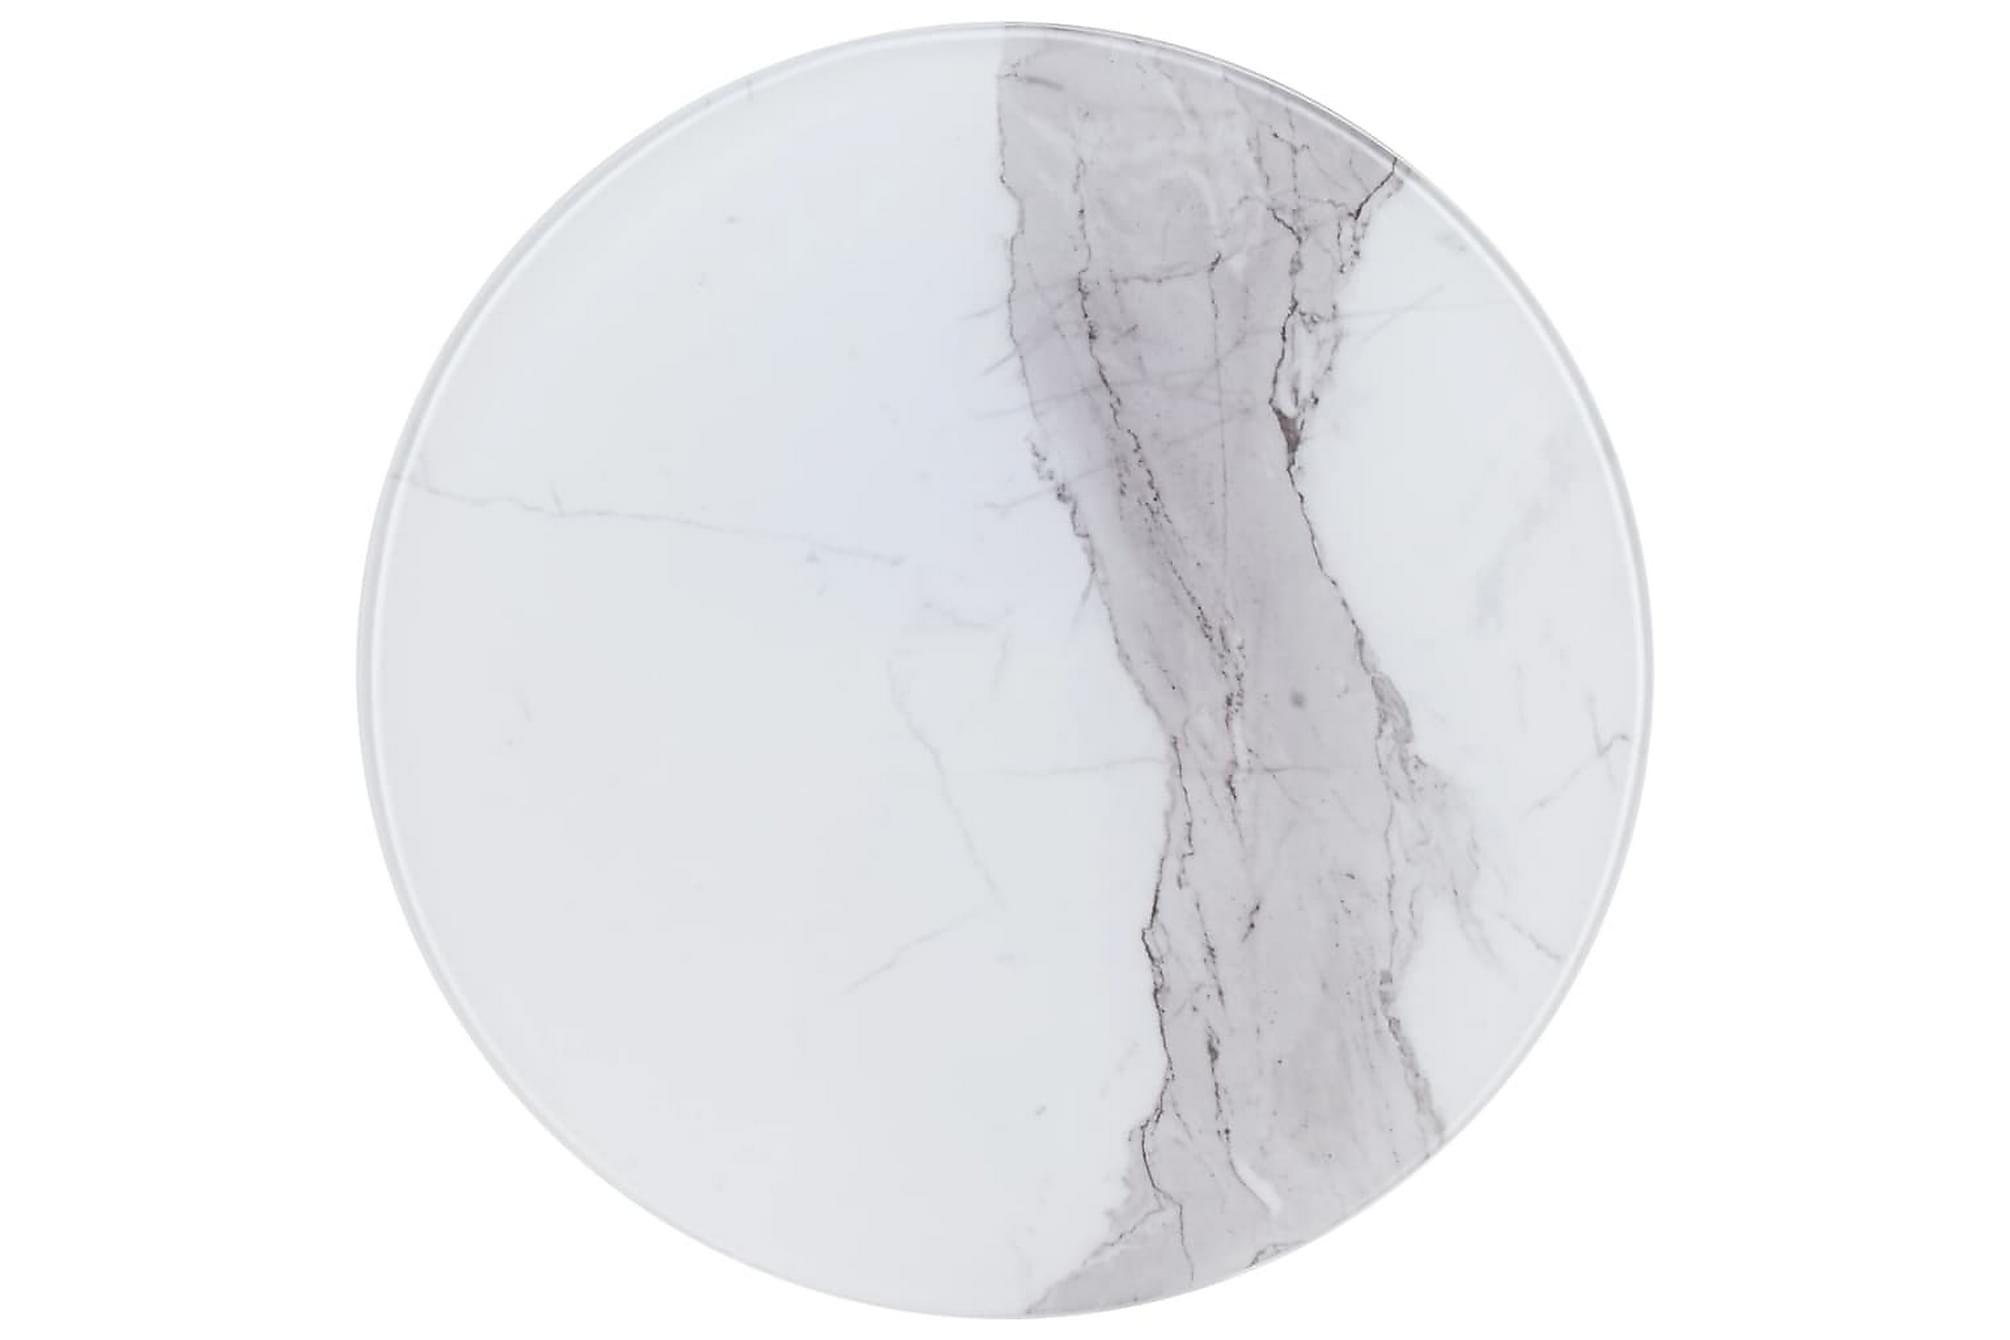 Bordsskiva vit Ã?50 cm glas med marmortextur, Bordsben & tillbehör